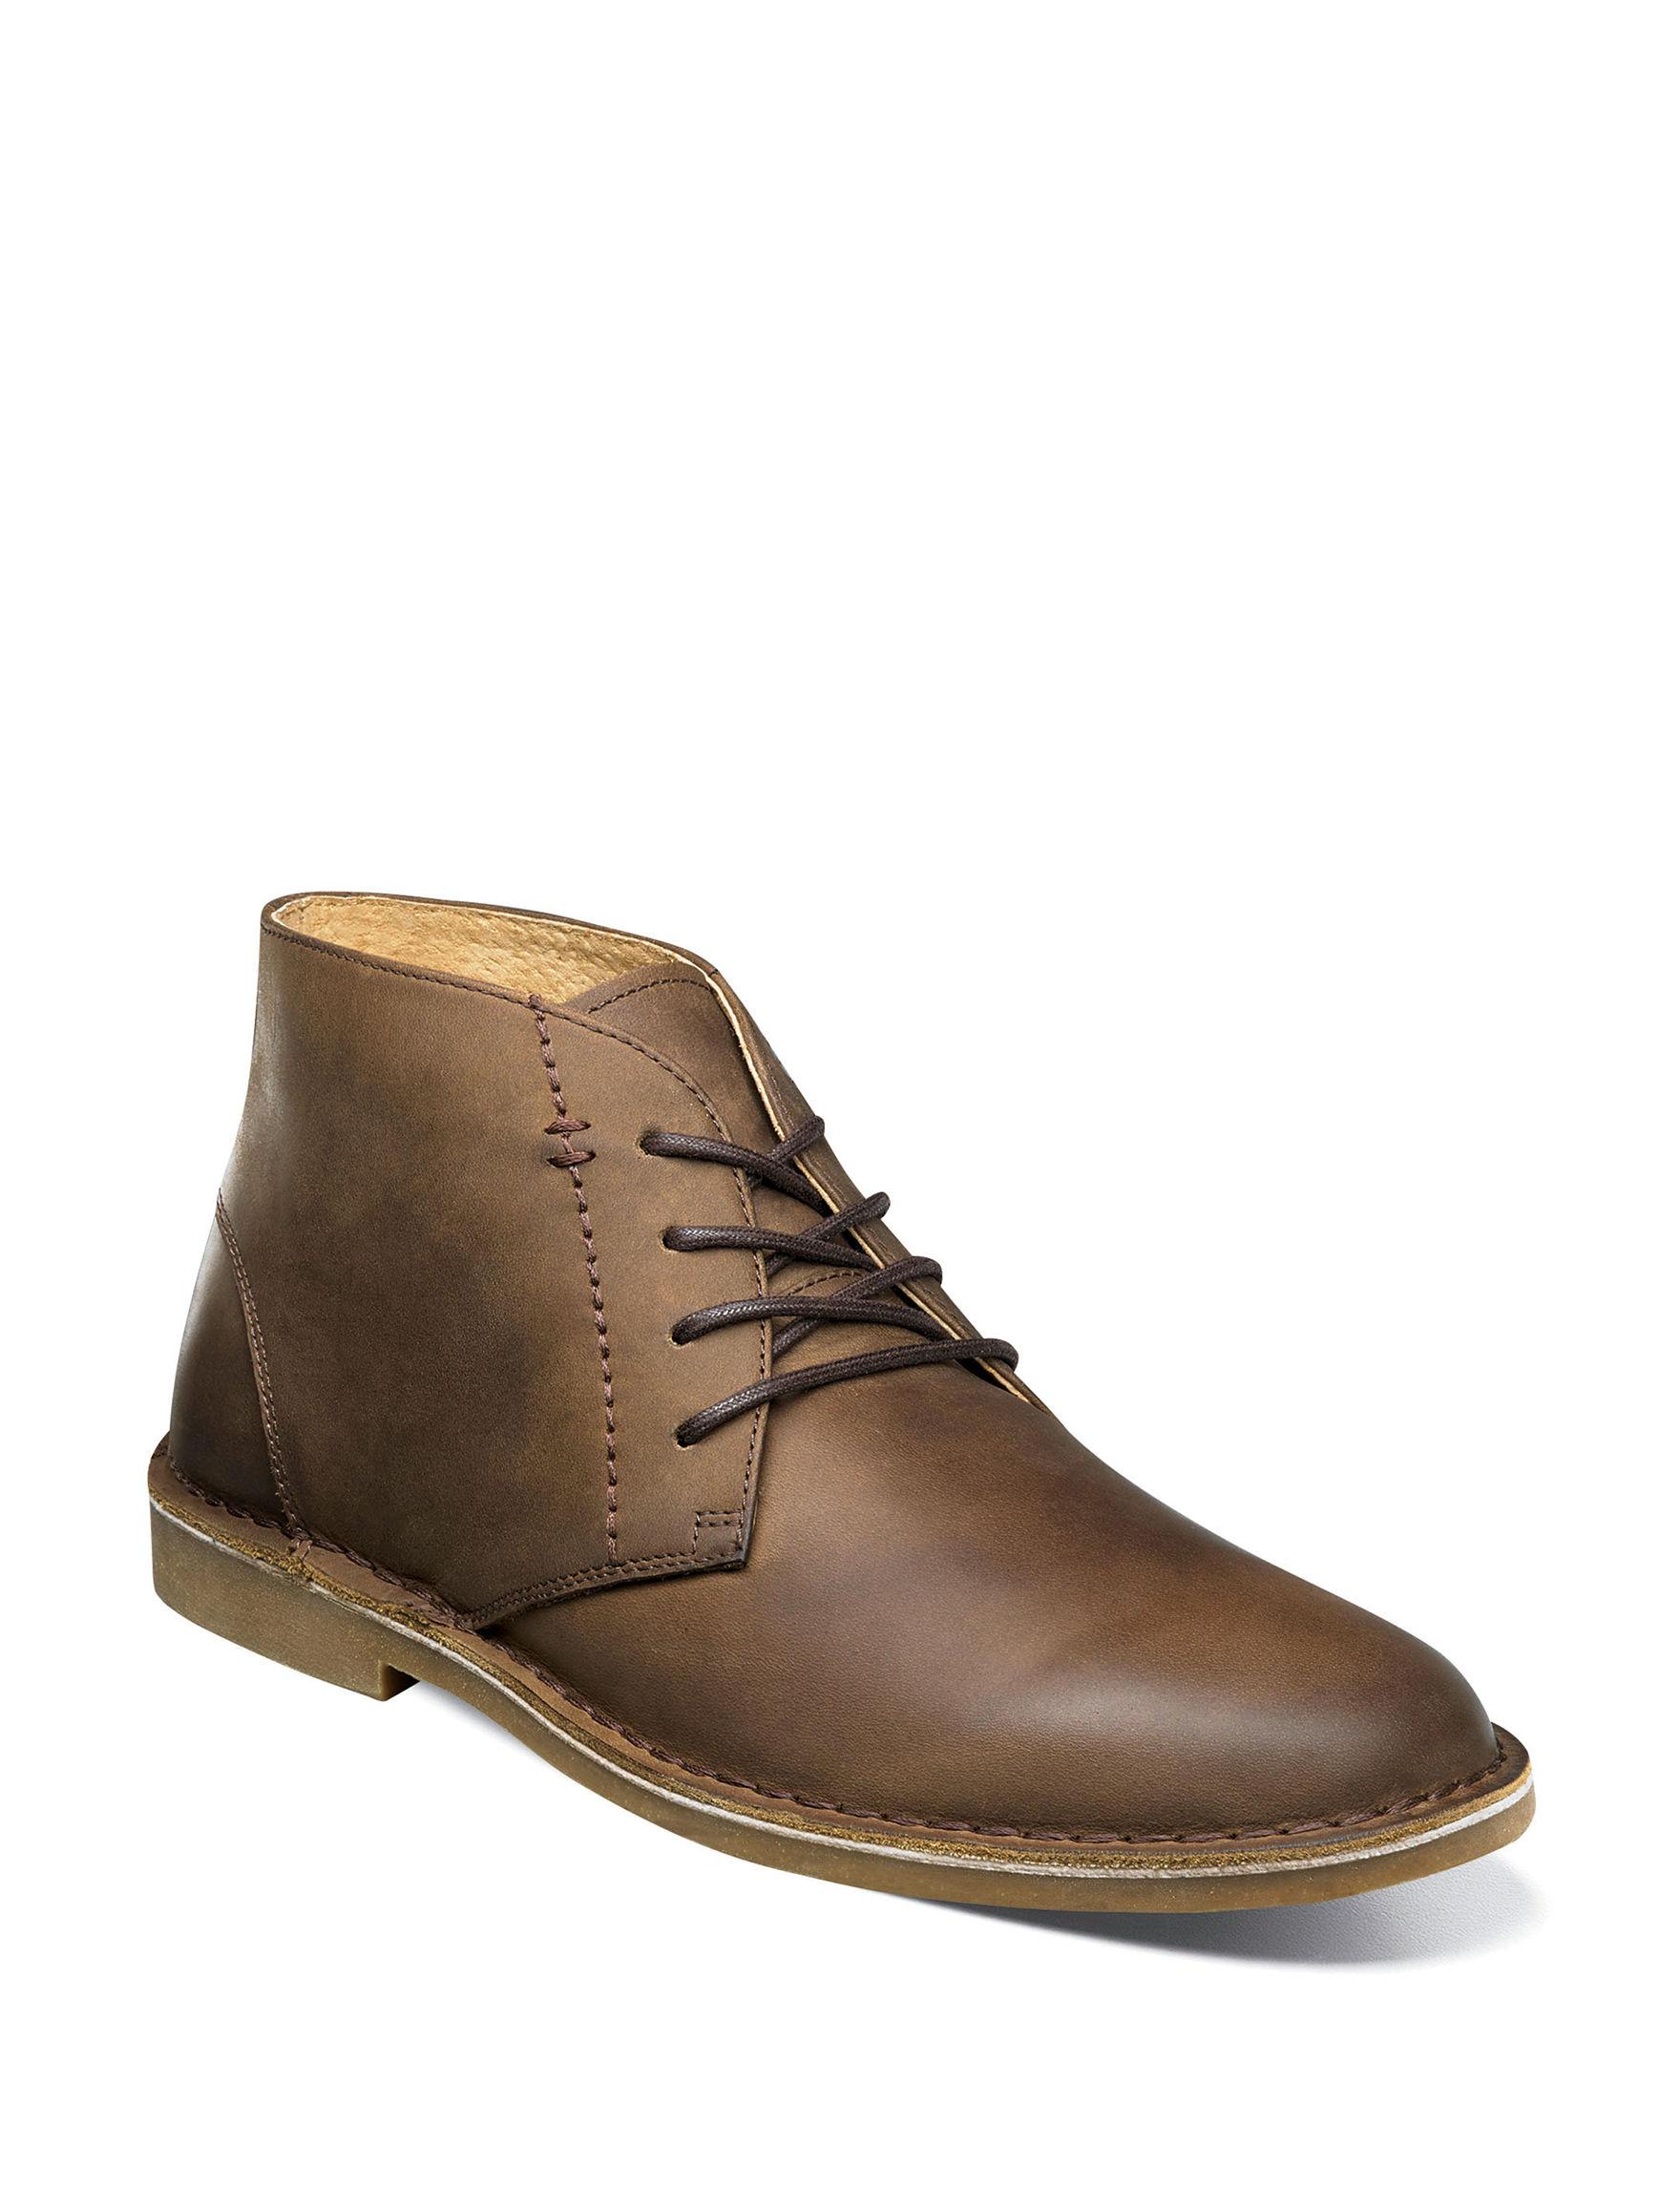 Nunn Bush Tan Chukka Boots